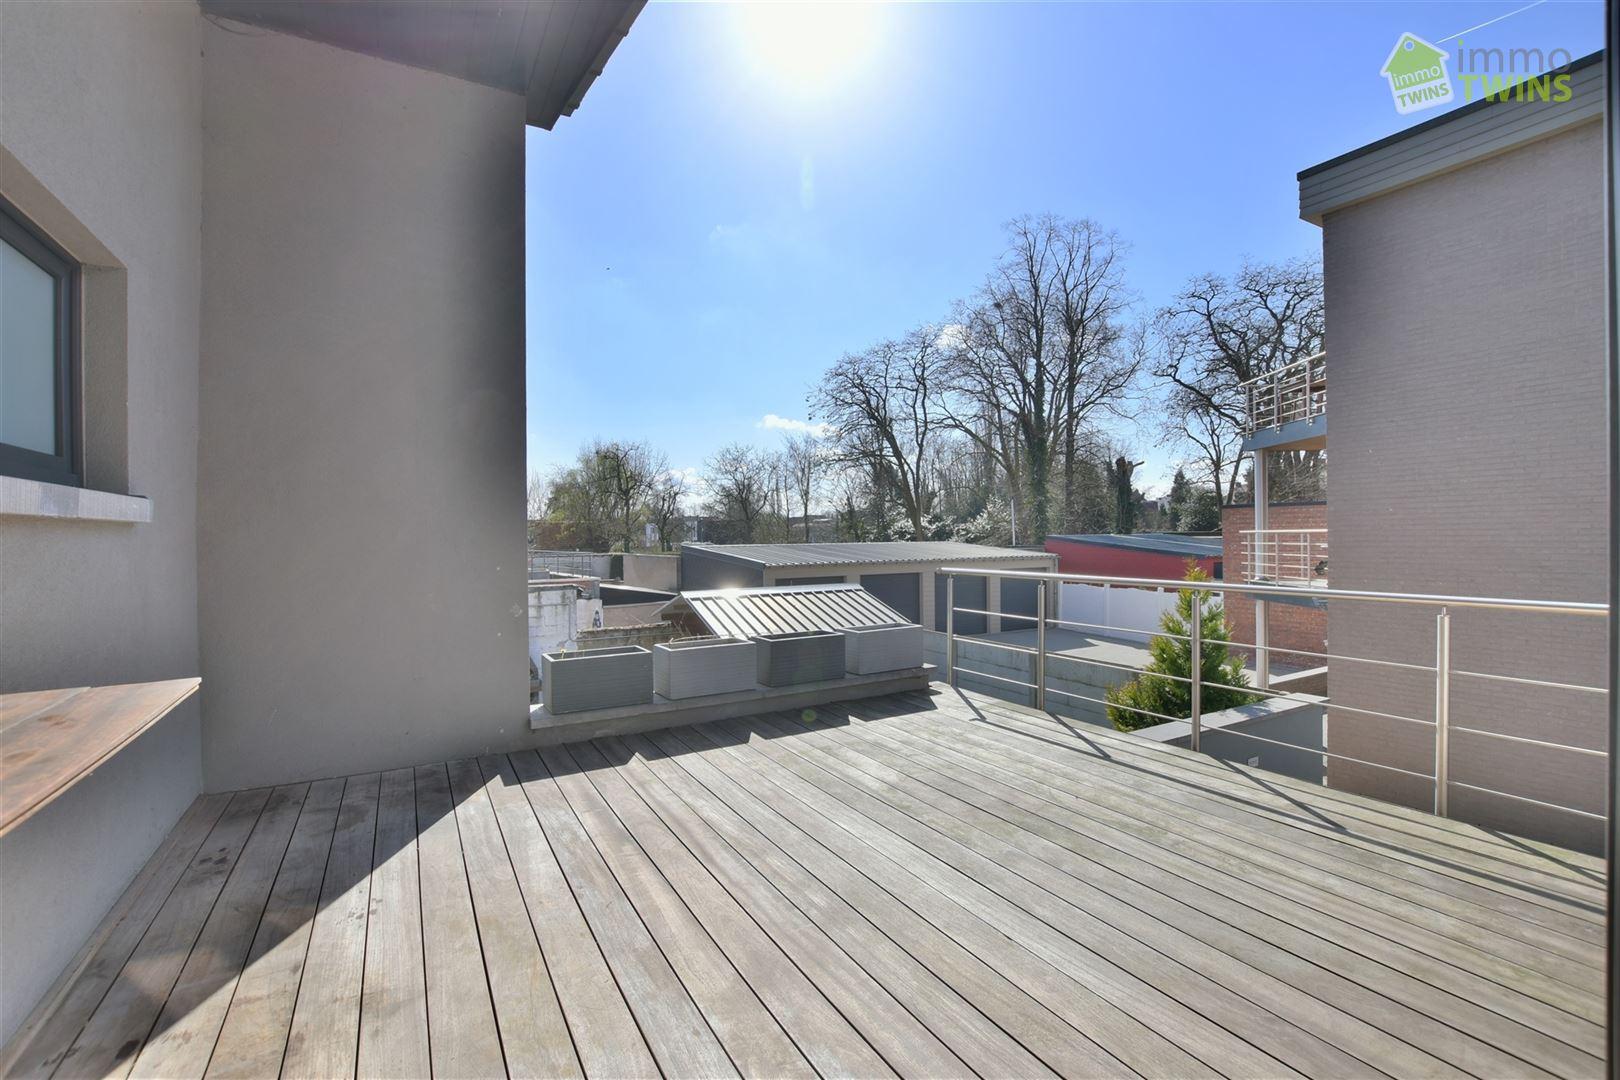 Foto 7 : Appartement te 9200 Sint-Gillis-bij-Dendermonde (België) - Prijs € 219.000